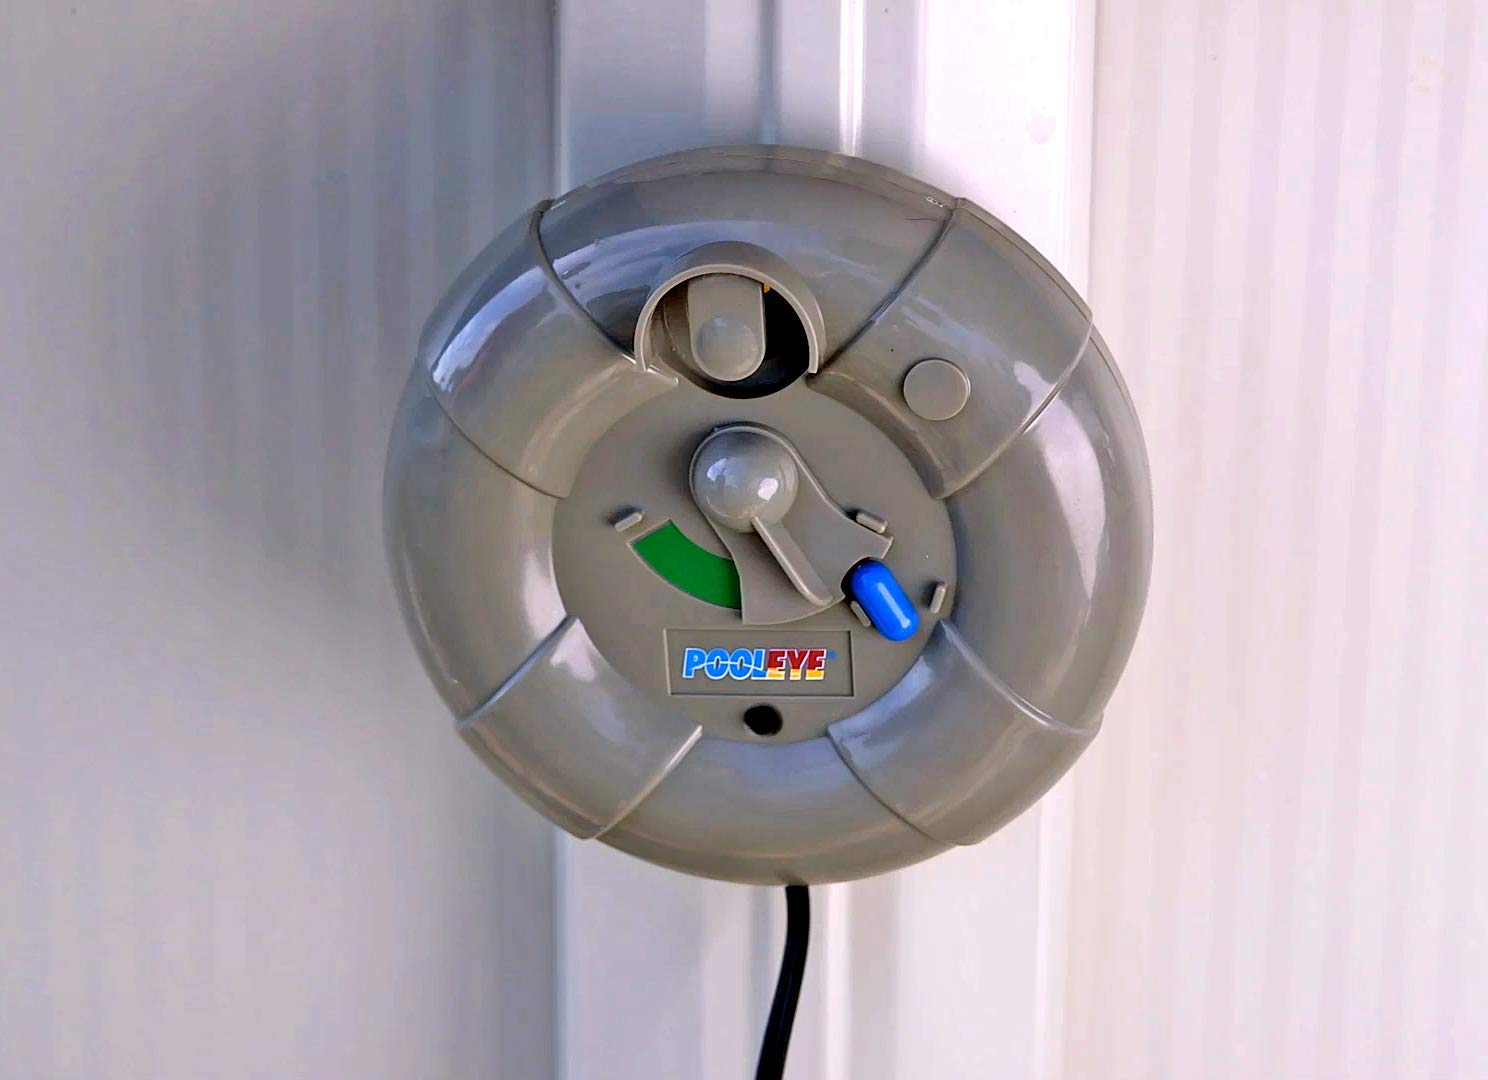 PoolEye Above Ground Pool Alarm (Renewed) by PoolEye